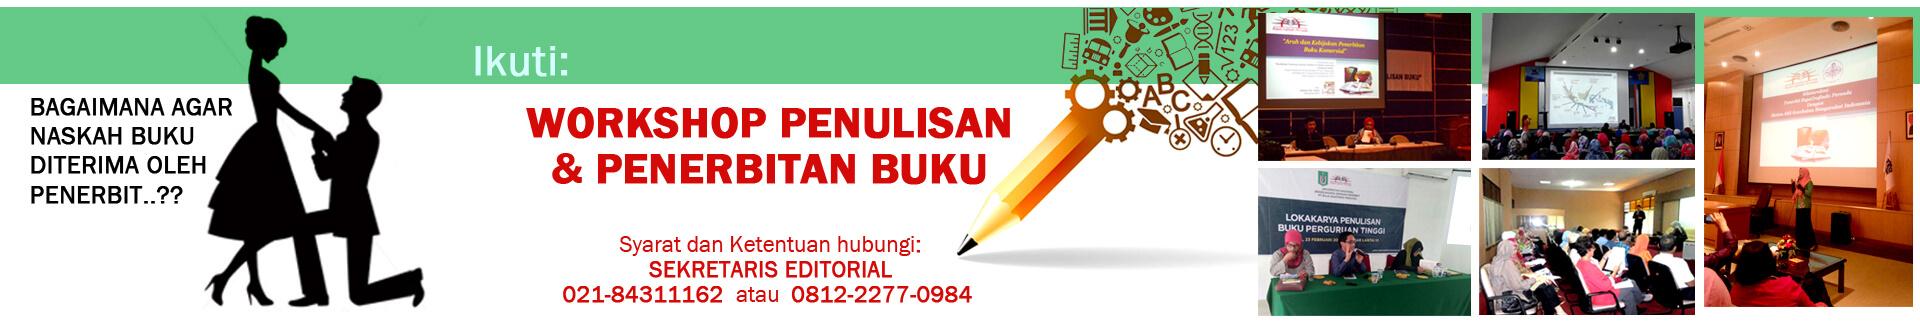 Workshop Menerbitkan dan Menulis Buku